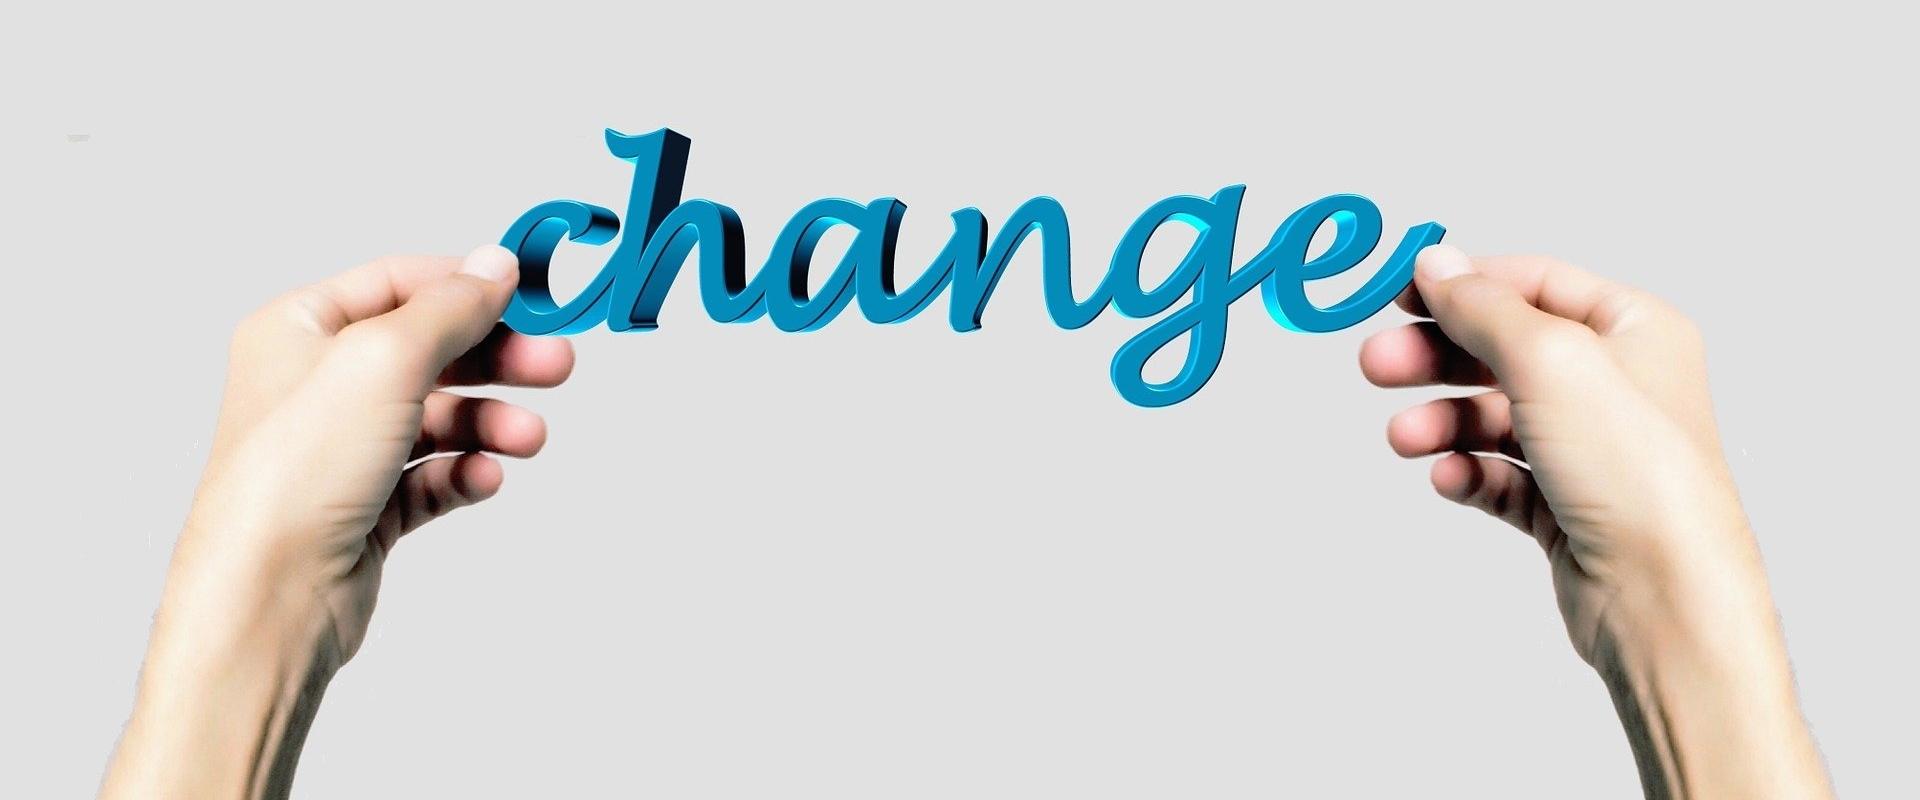 Welke grote verandering zou jij binnen je organisatie willen doorvoeren?